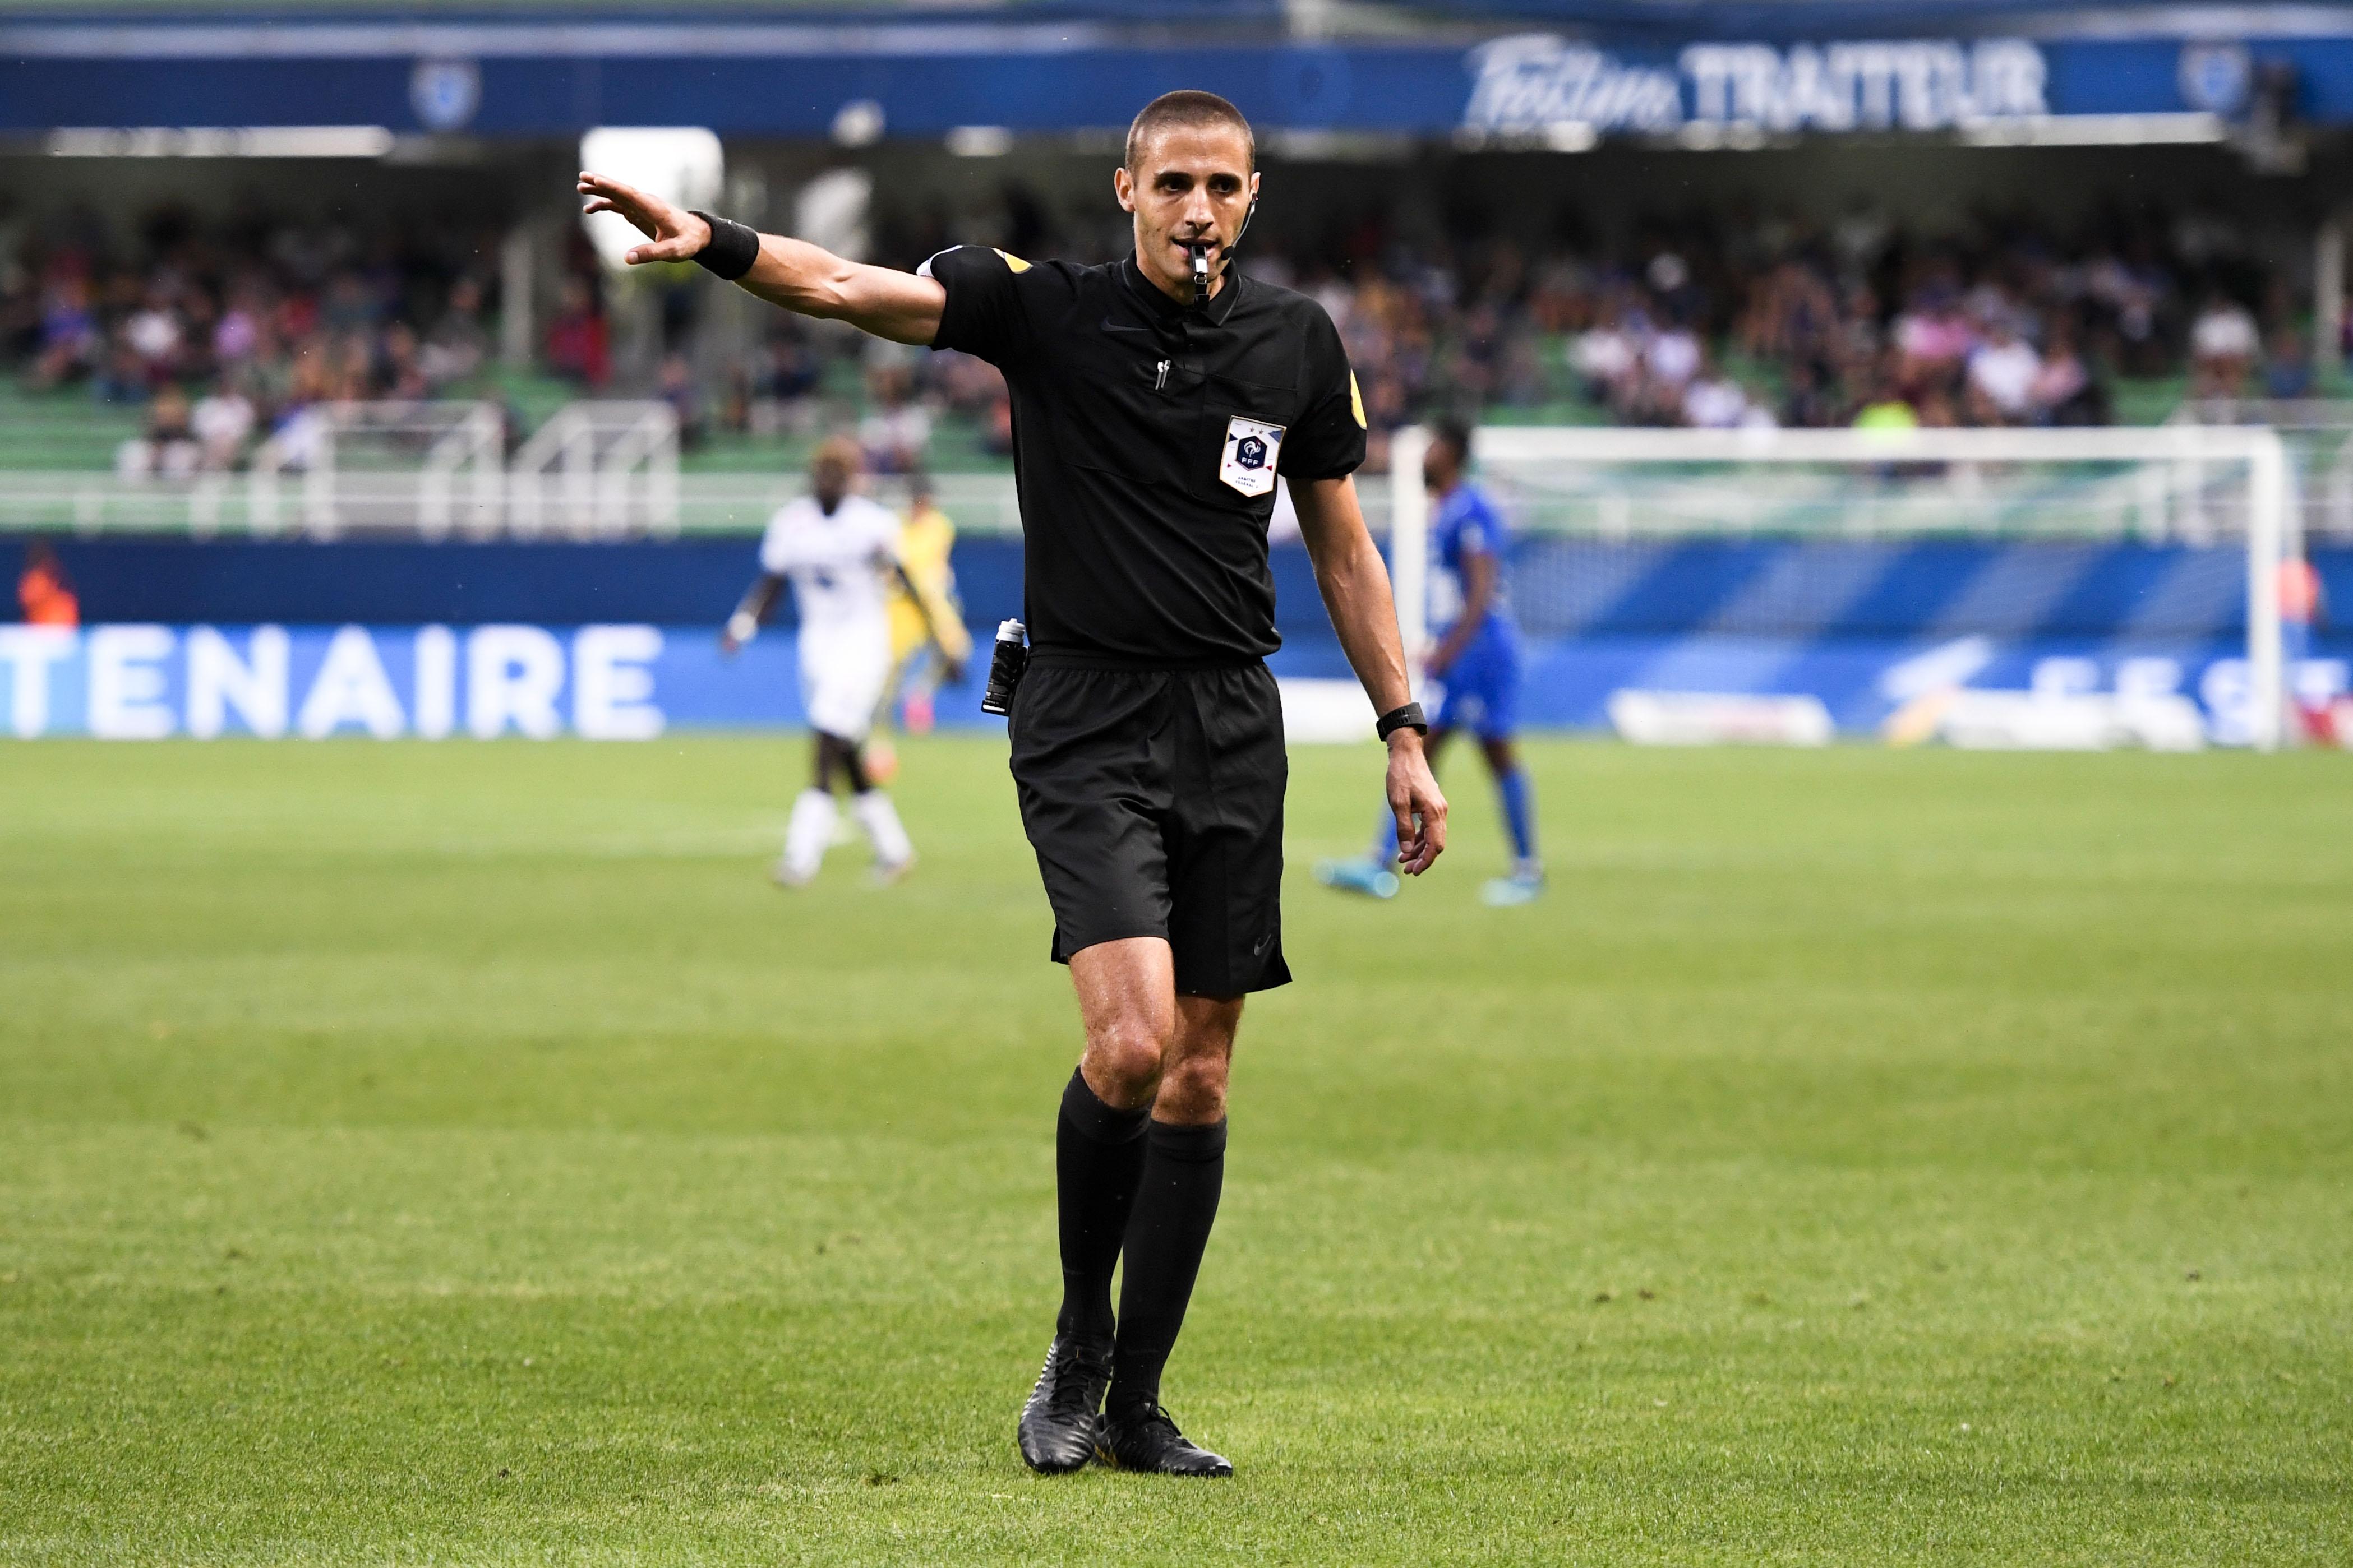 Football - Ligue 2 - Le match Nancy-Le Mans interrompu par l'arbitre pour cause de chants homophobes